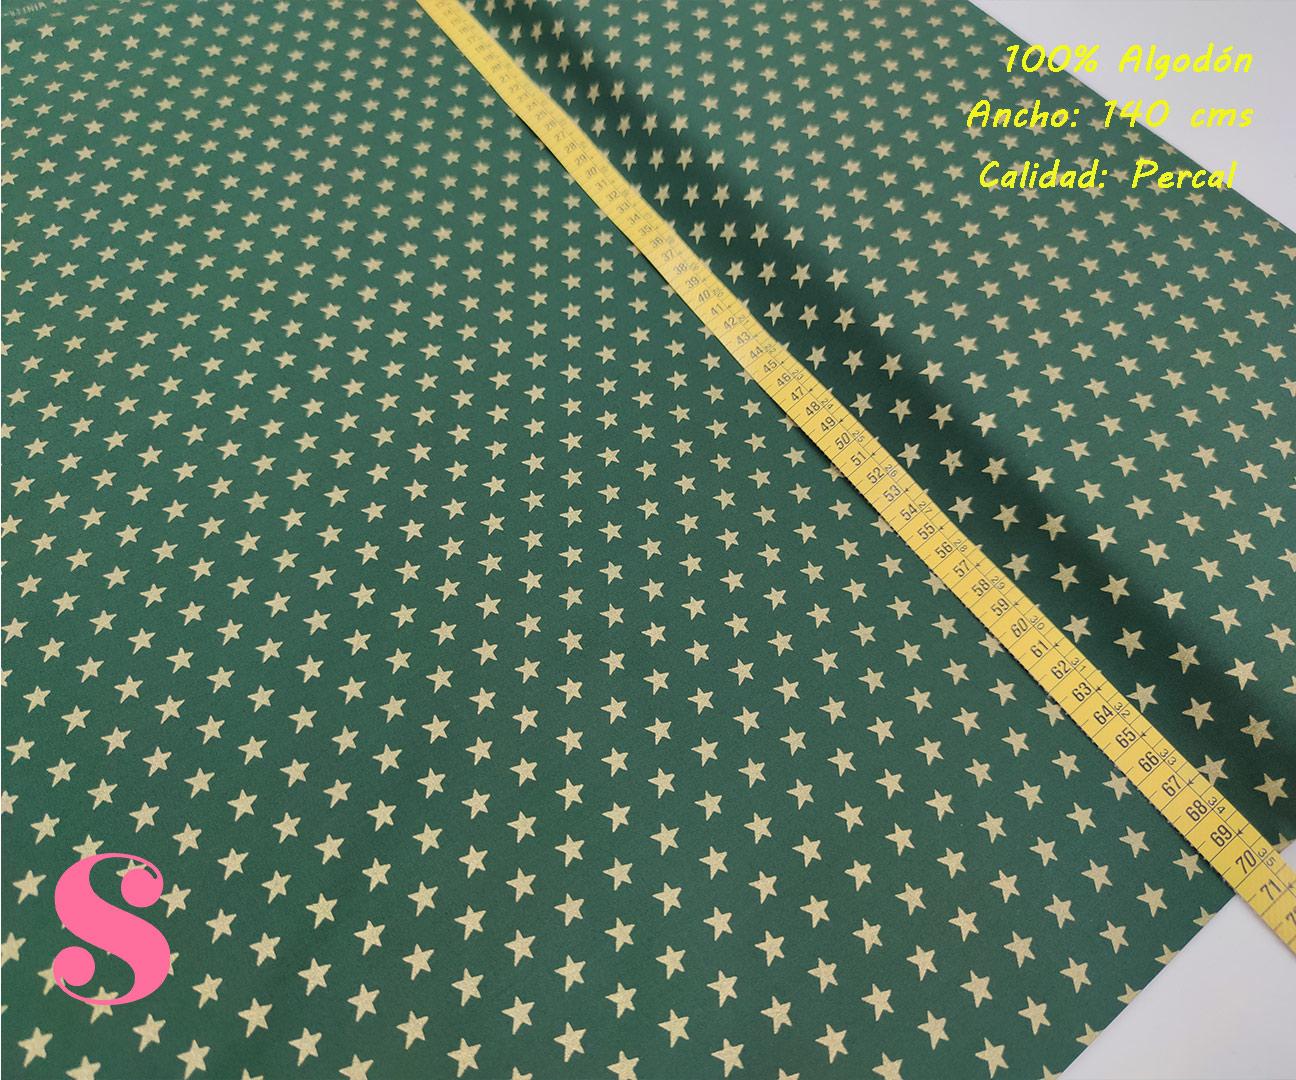 634-estrellas-doradas-fondo-verde-tejidos-algodón-estampado-percal,Tejido Estampado Estrellas Doradas fondo Verde,telas estampadas de navidad